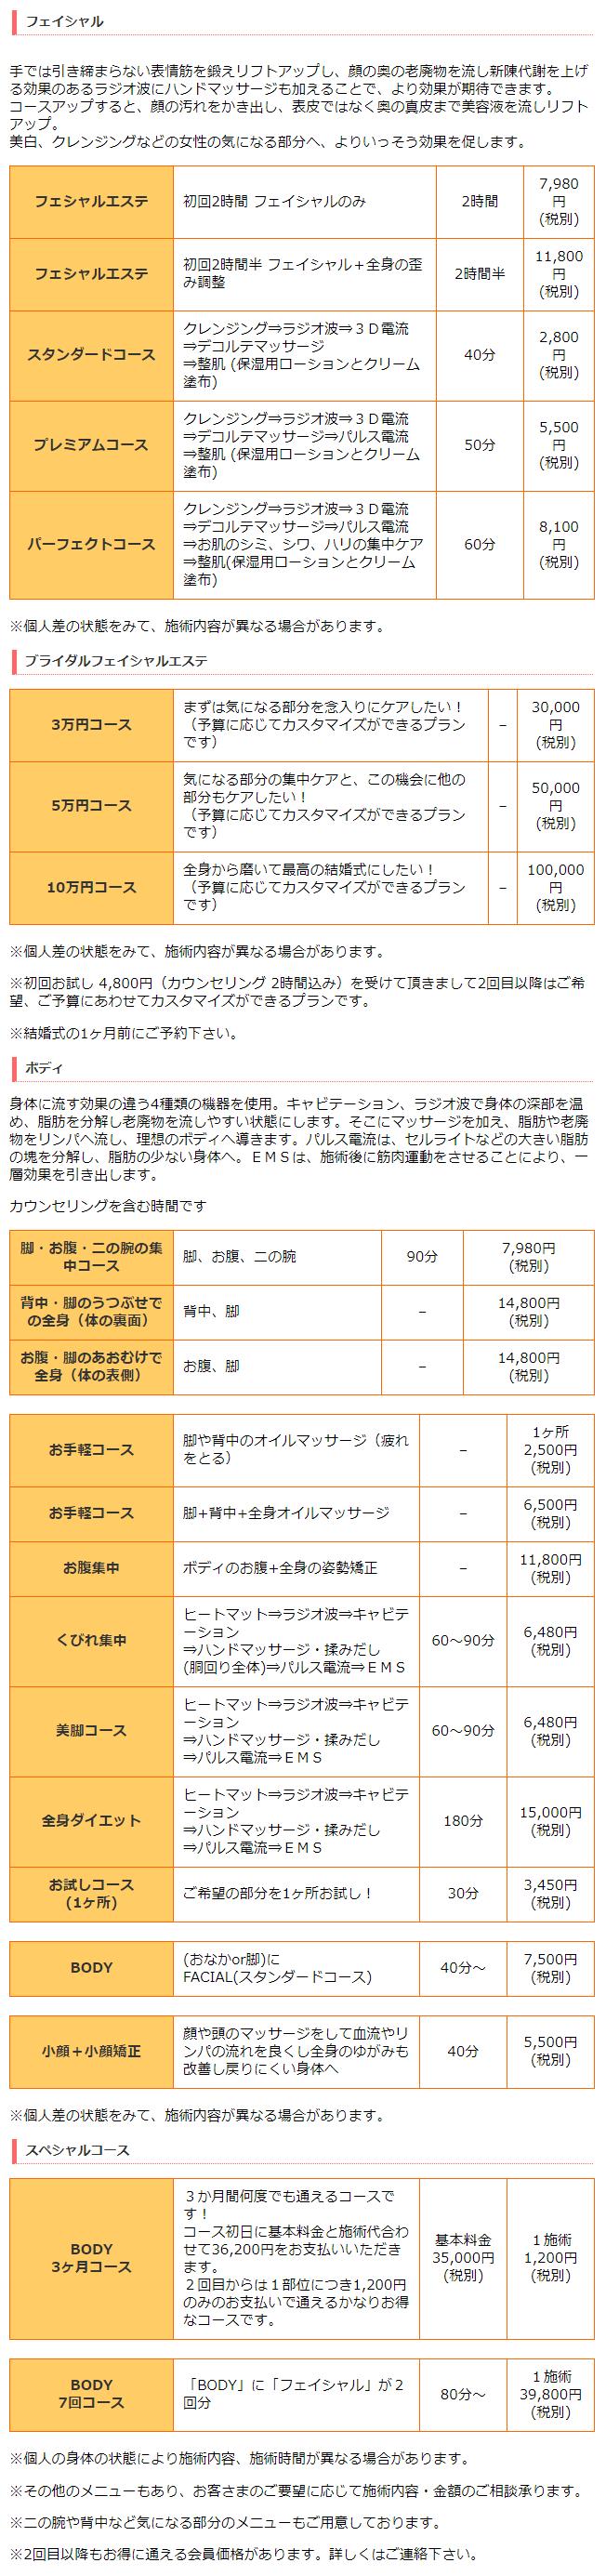 図:エステの料金表